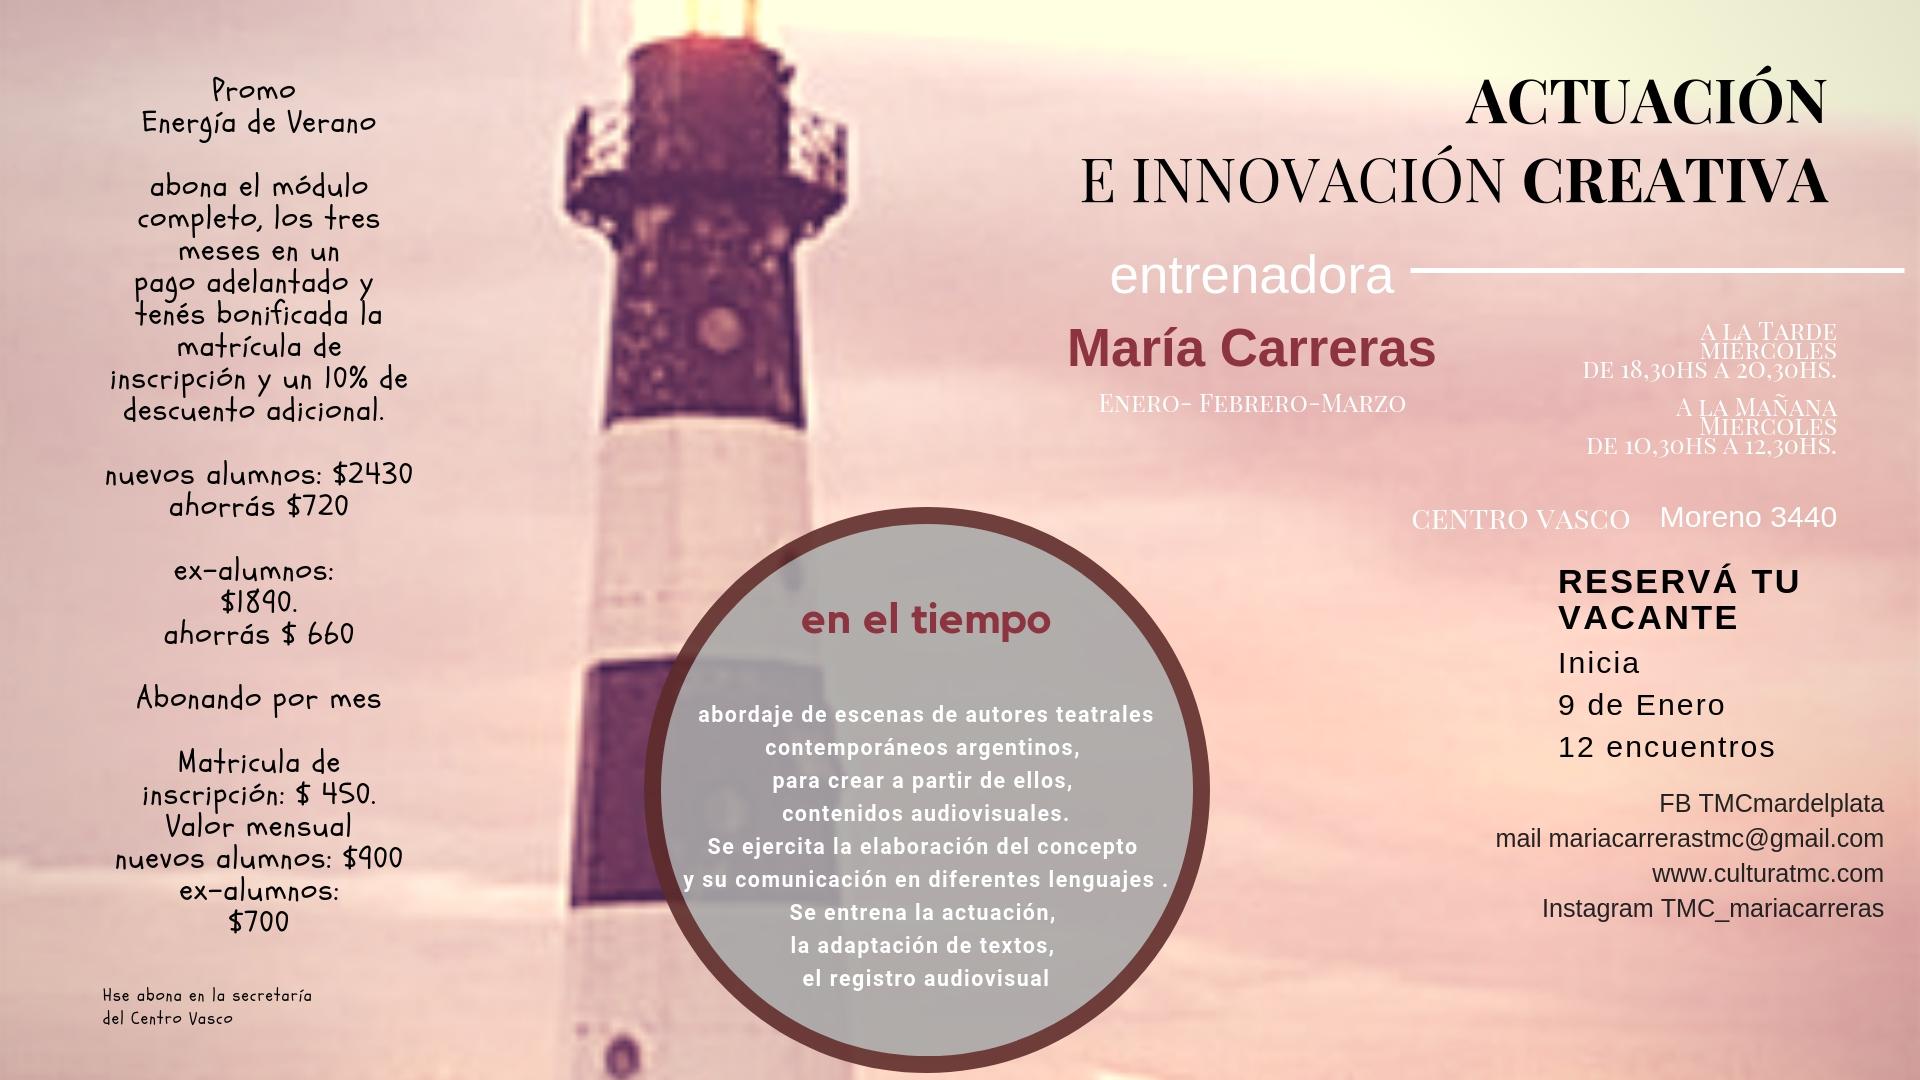 Actuación_e_Innovación_Creativa